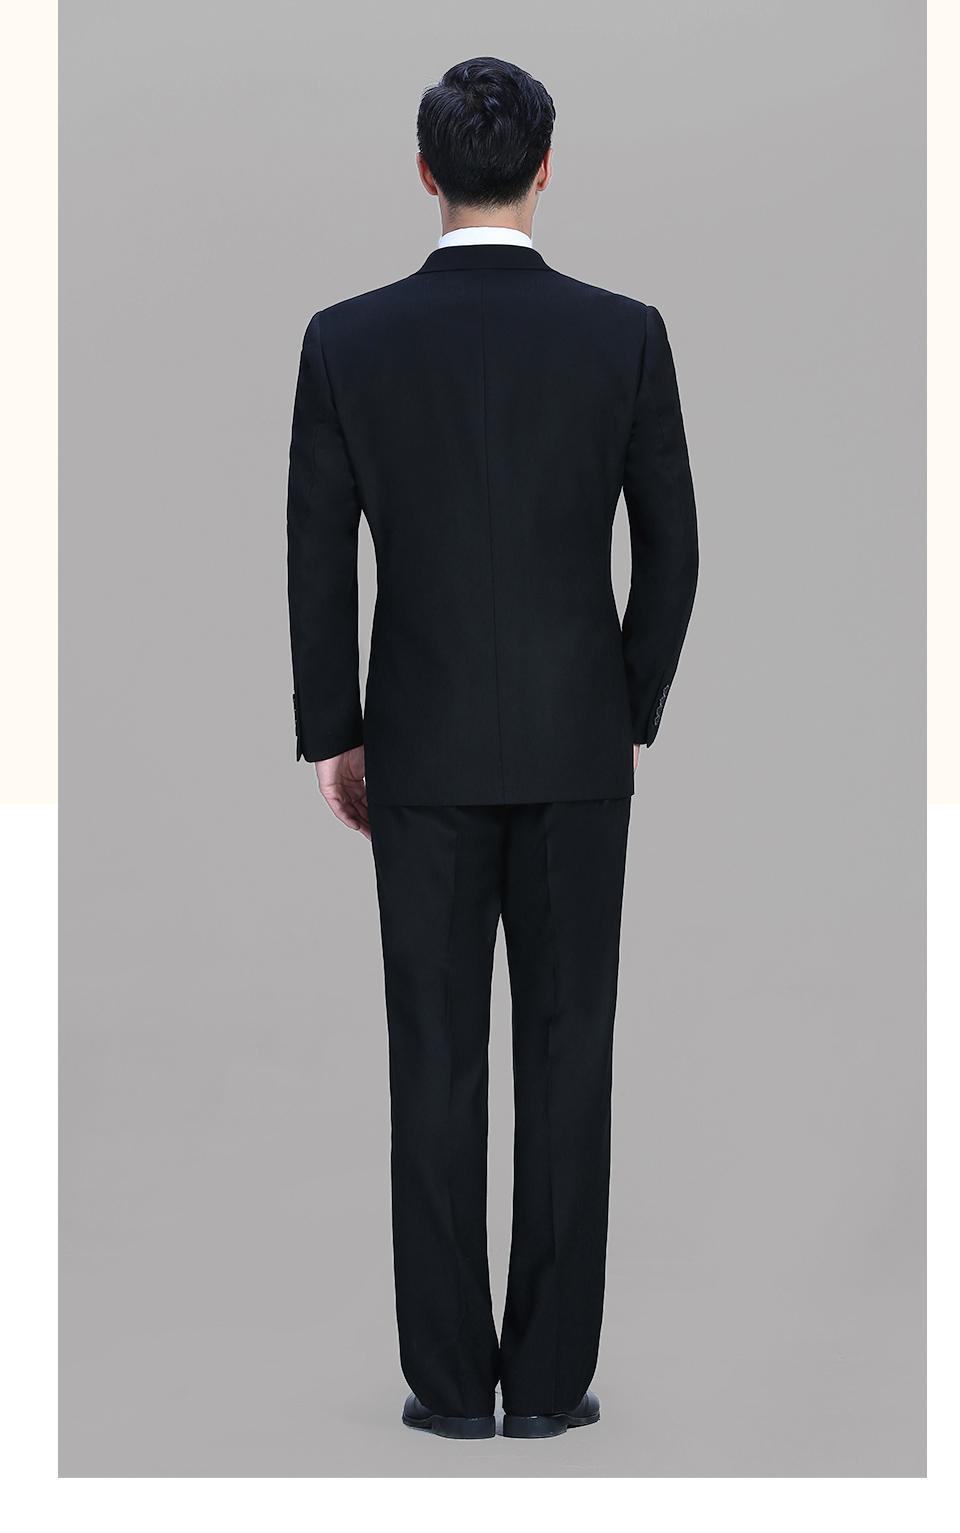 黑色男士休闲商务二粒扣西服FX002